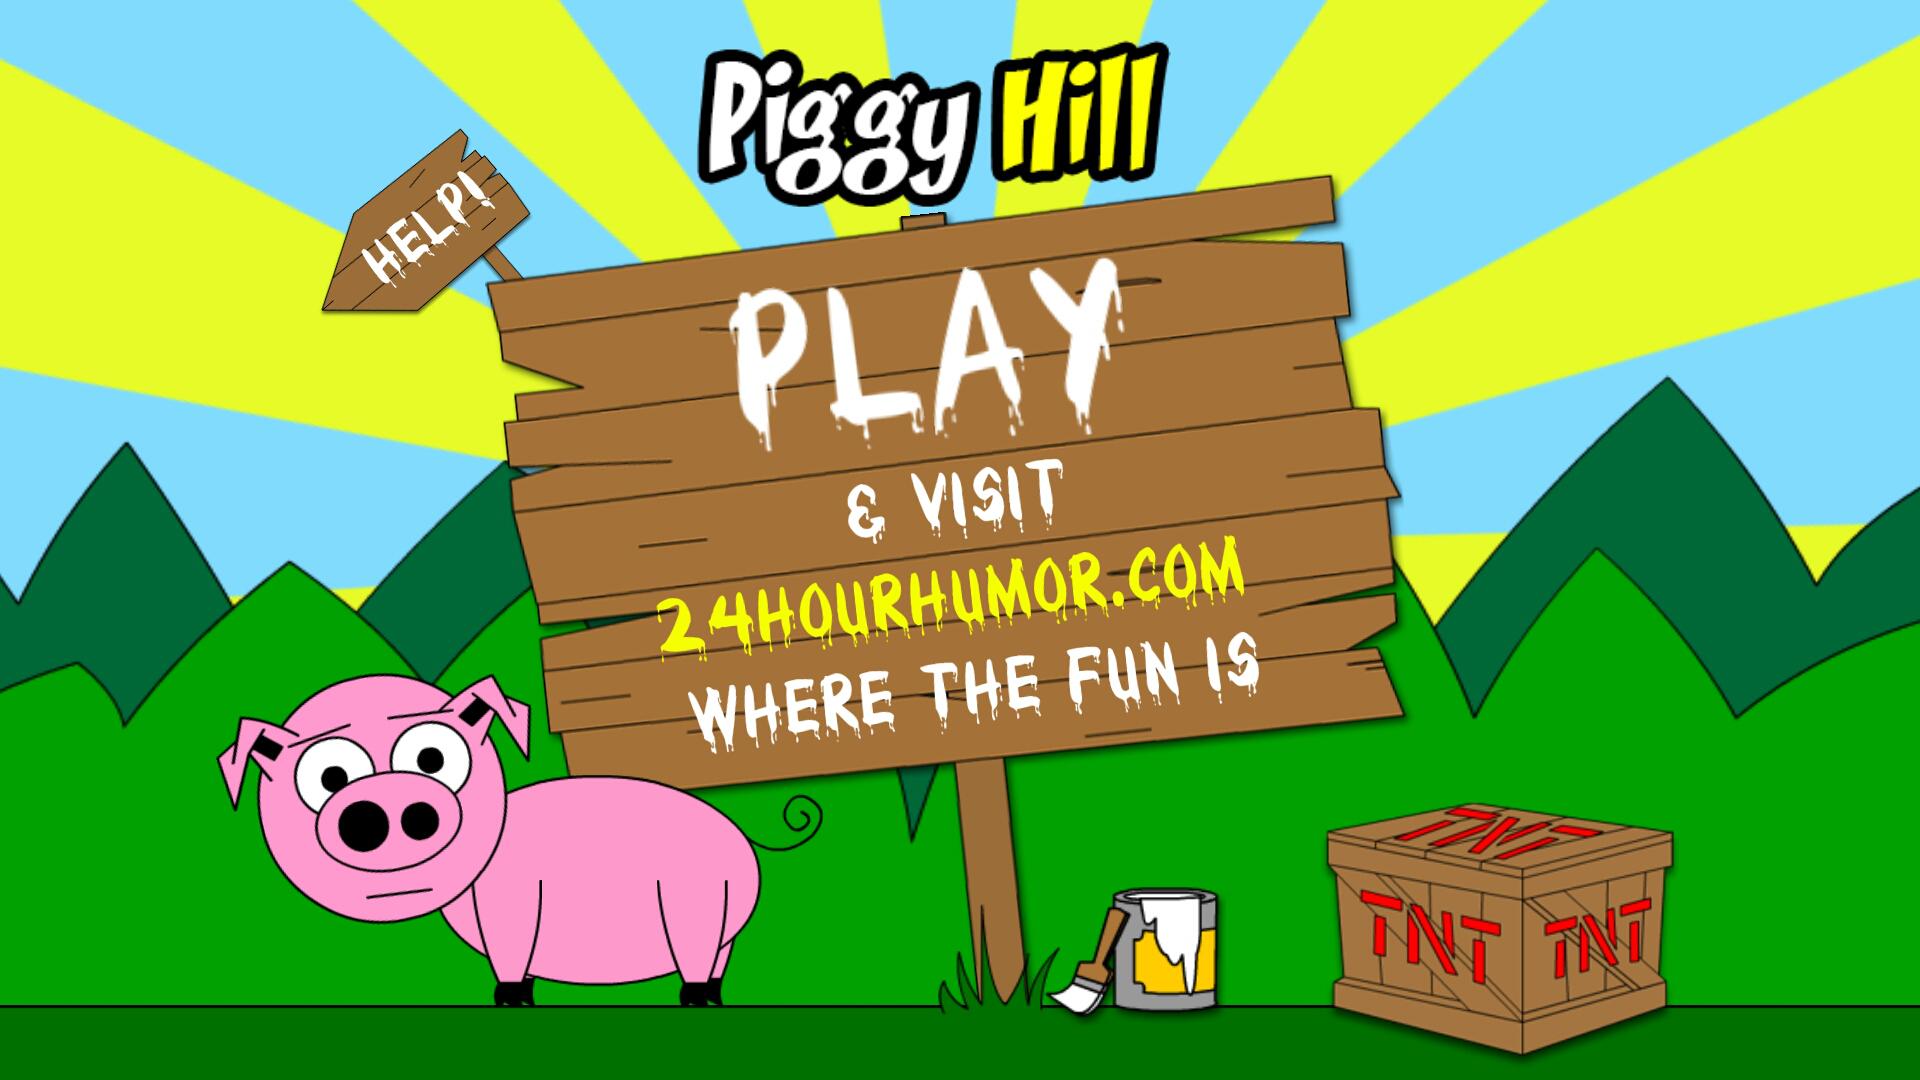 Piggy Hill!